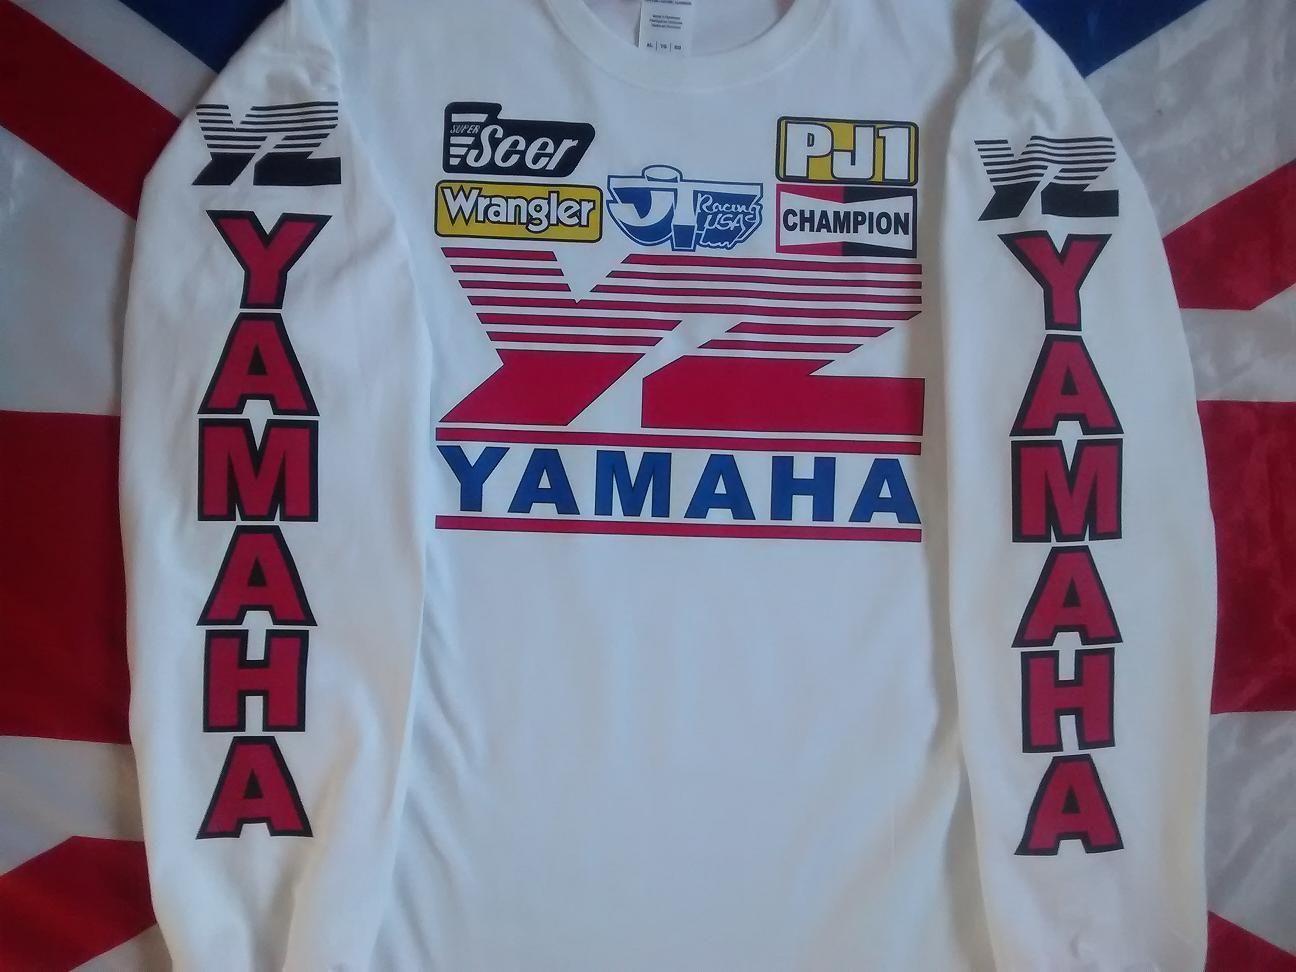 Yz Yz400 Yz490 Yz495 Evo Mx Vintage Motocross Twinshock Ahrma Shirt Jersey Motocross Shirts Vintage Motocross Shirts